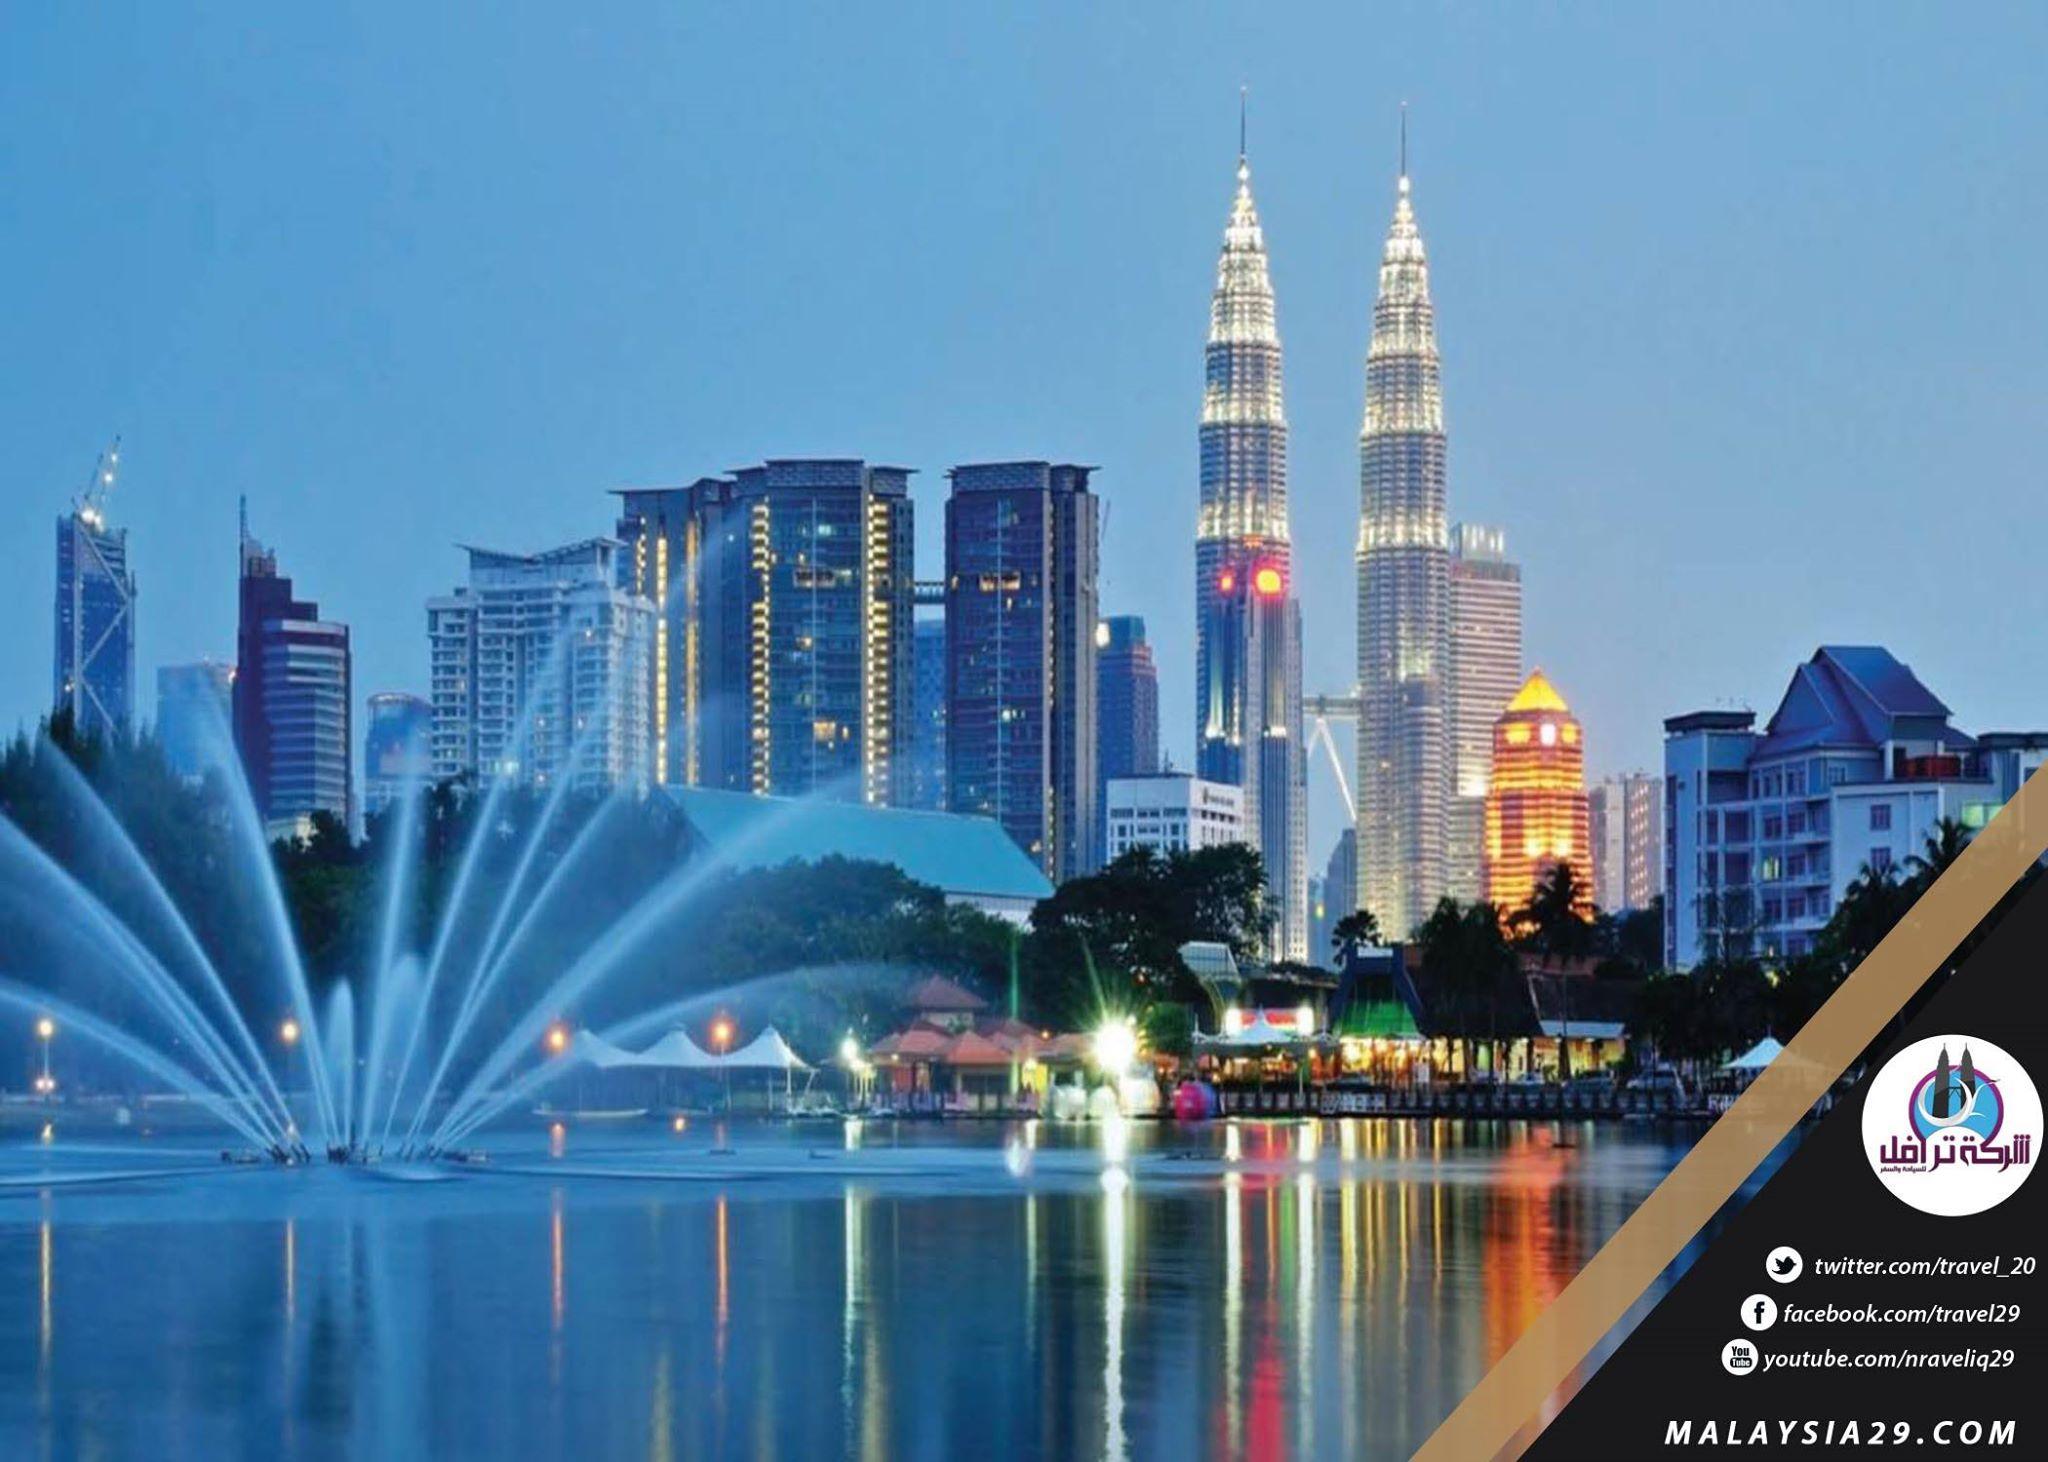 اين تقع ماليزيا | معلومات عن ماليزيا